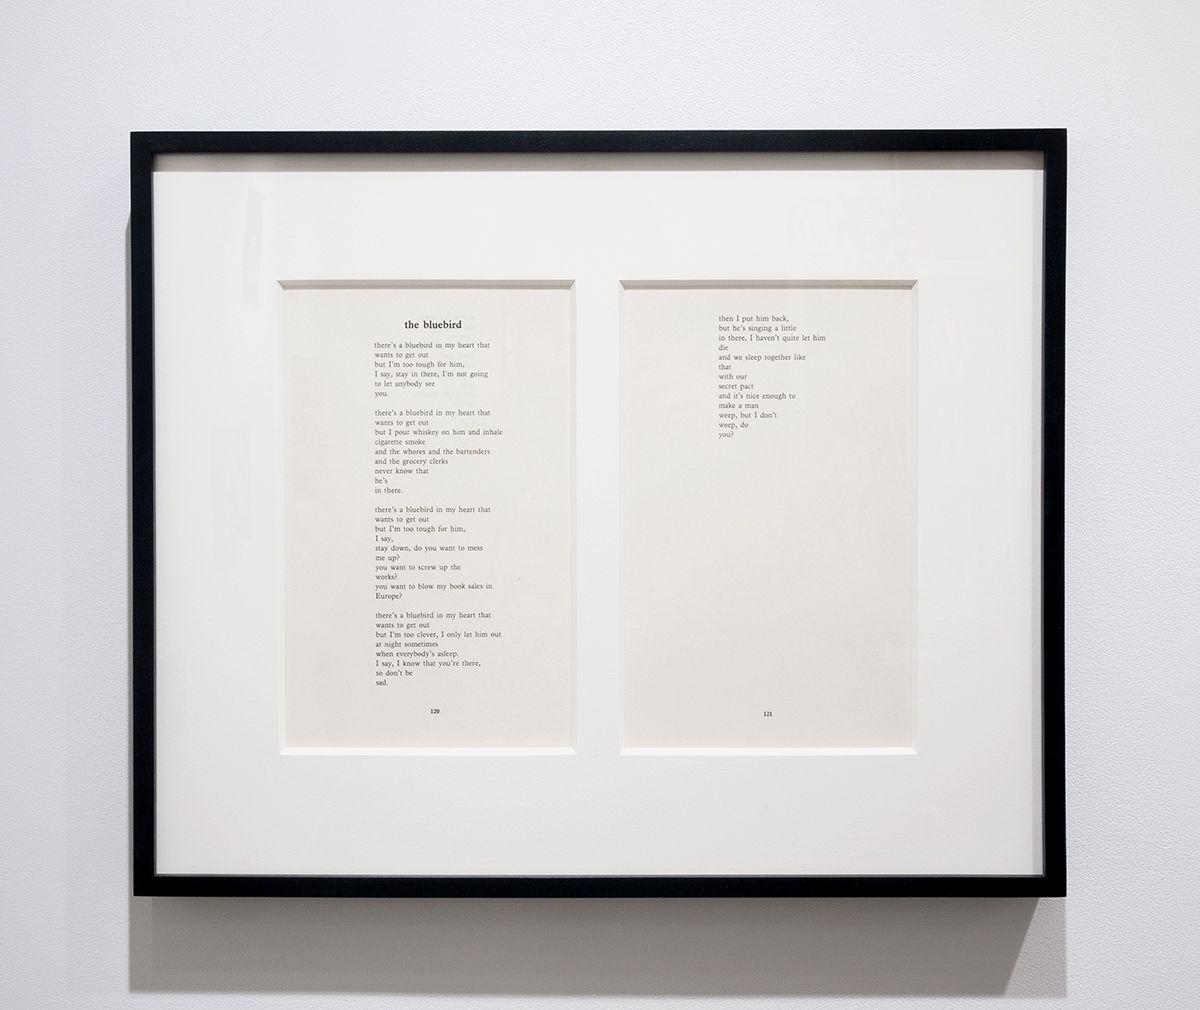 Charles Bukowski The Bluebird poem framed